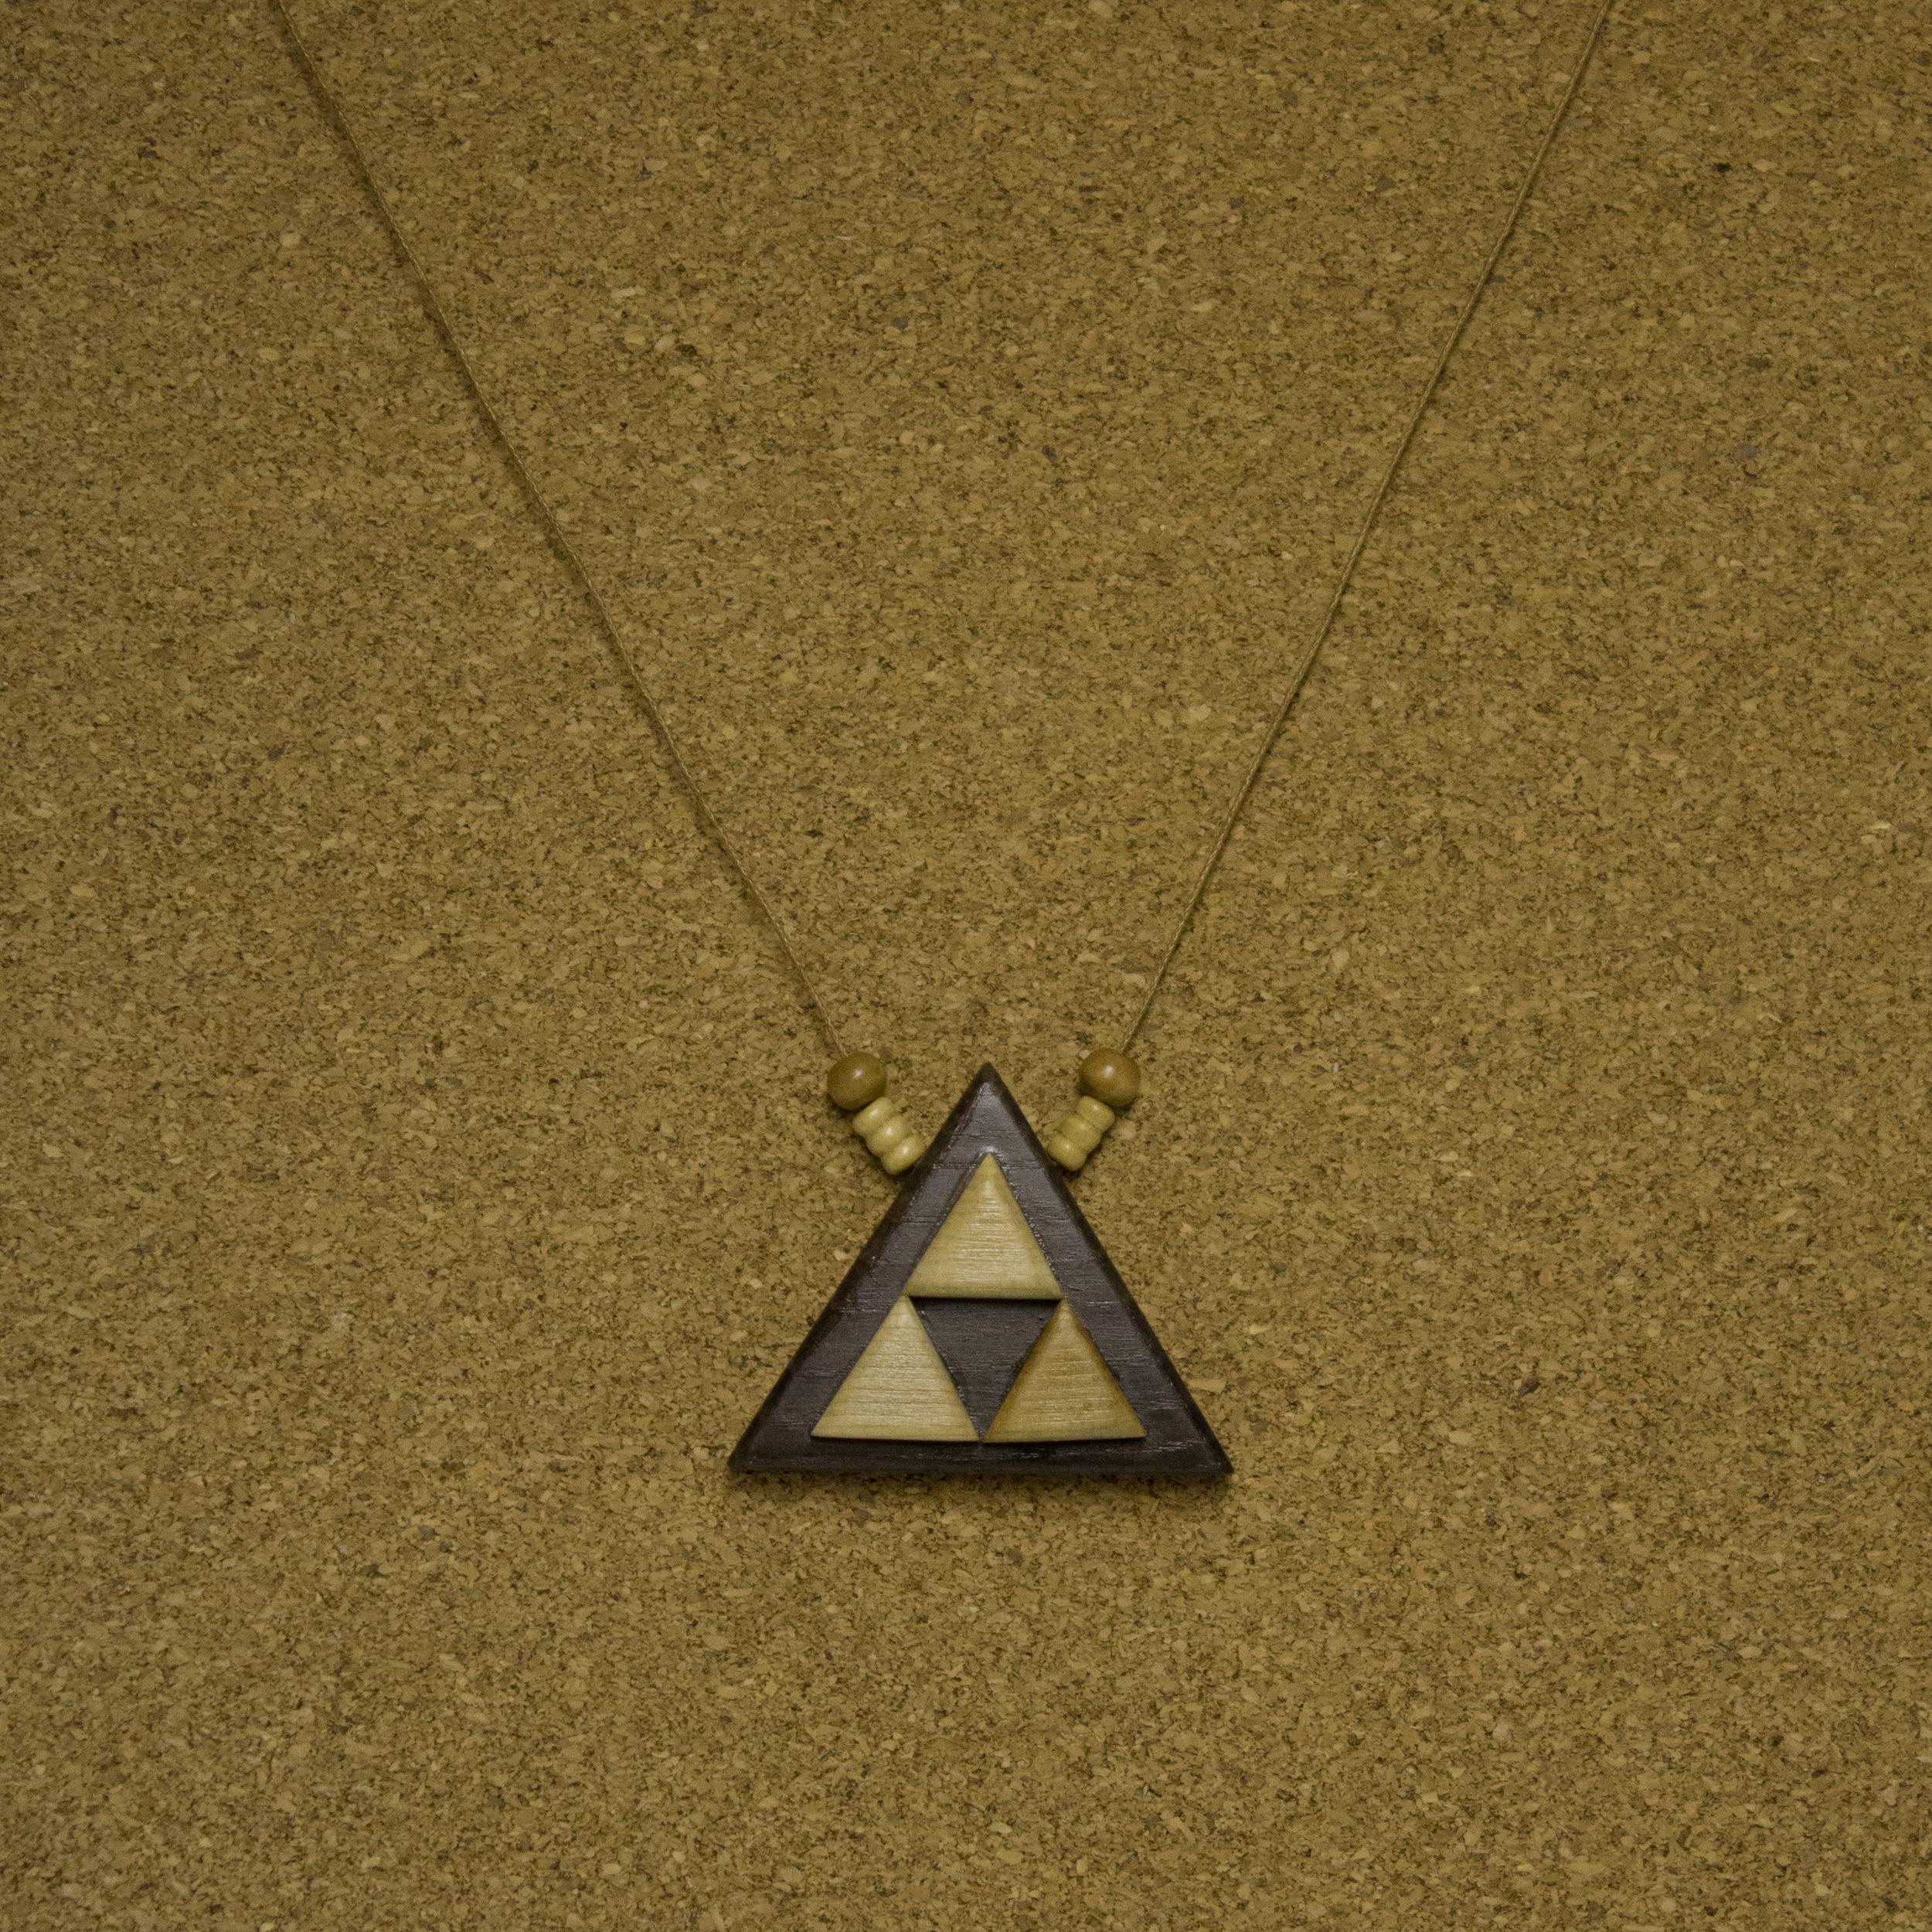 Tri-force... Zelda Fans... - $20